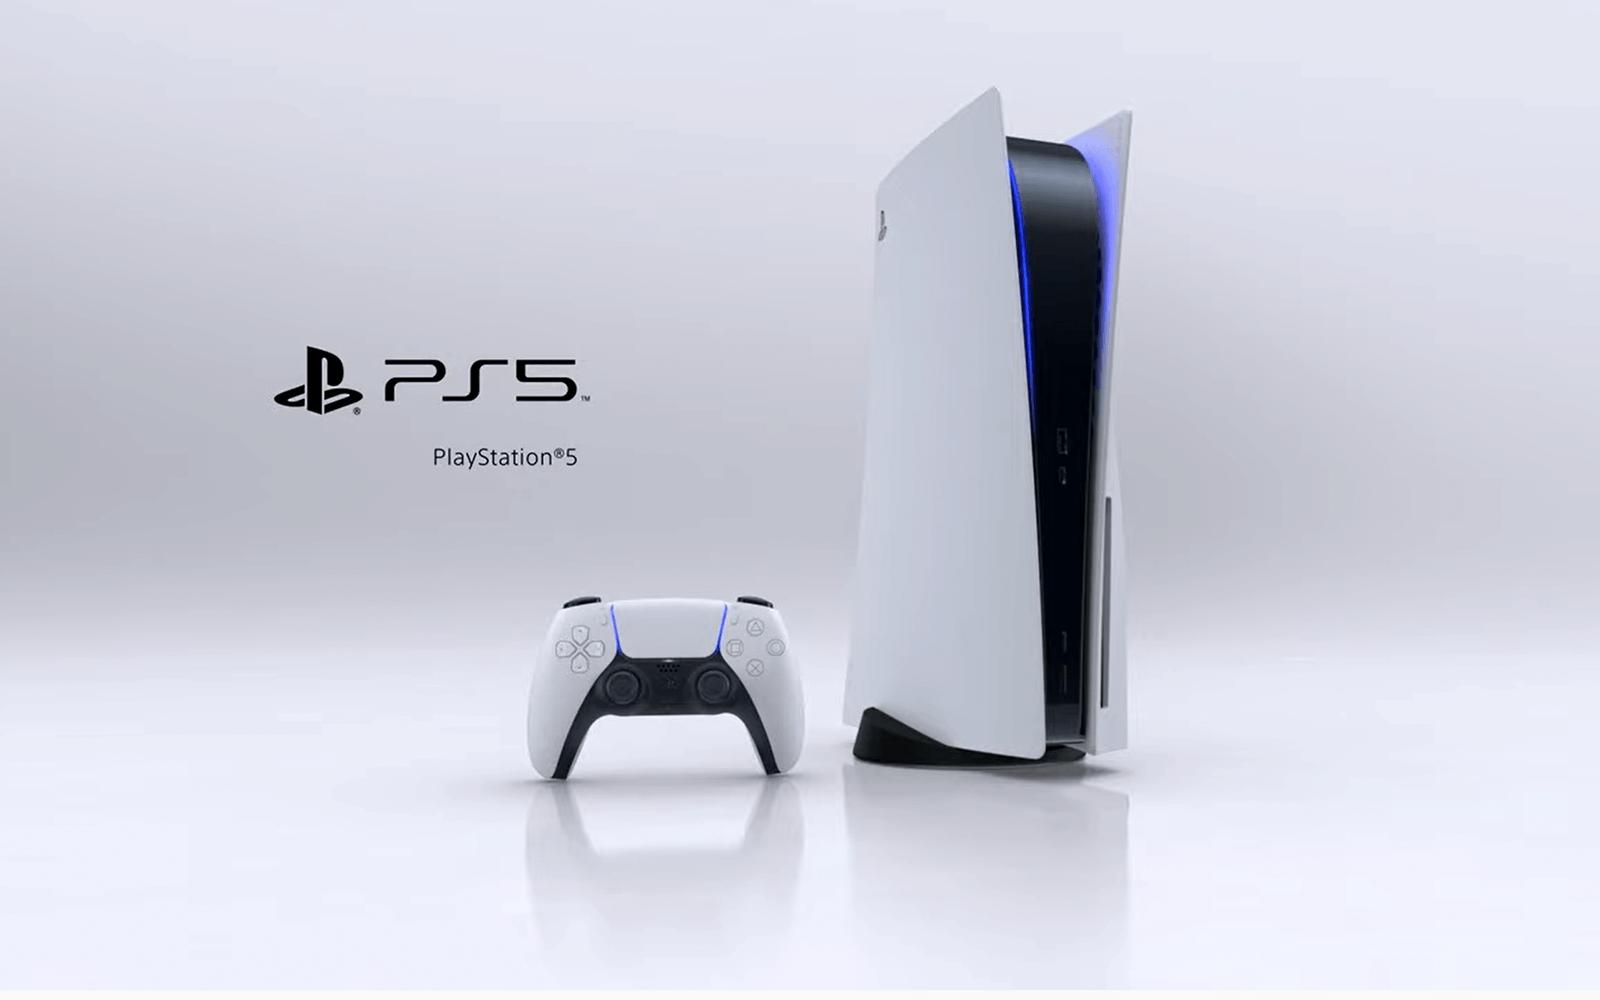 Sonyk baieztatu du: PlayStation-en bertsio bereziak egongo dira 5.  Itxura aldatu ere egin ahal izango duzu